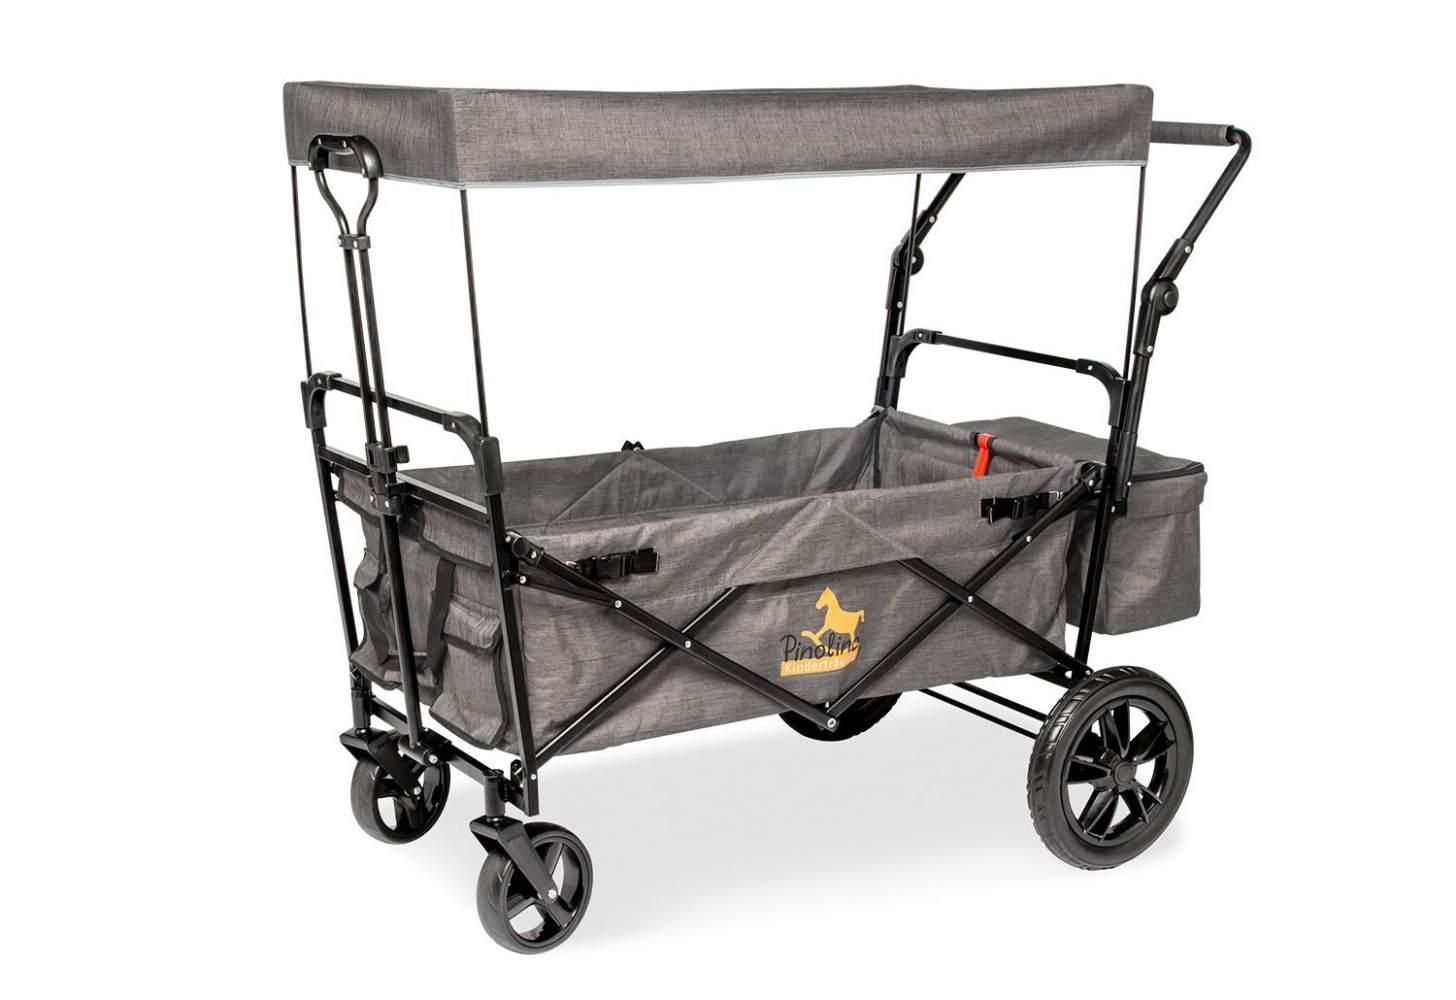 Pinolino Klappbollerwagen 'Piet Comfort' in Grau, inkl. Feststellbremse, Sonnendach, höhenverstellbarer Griff und Zugstange Bild 1